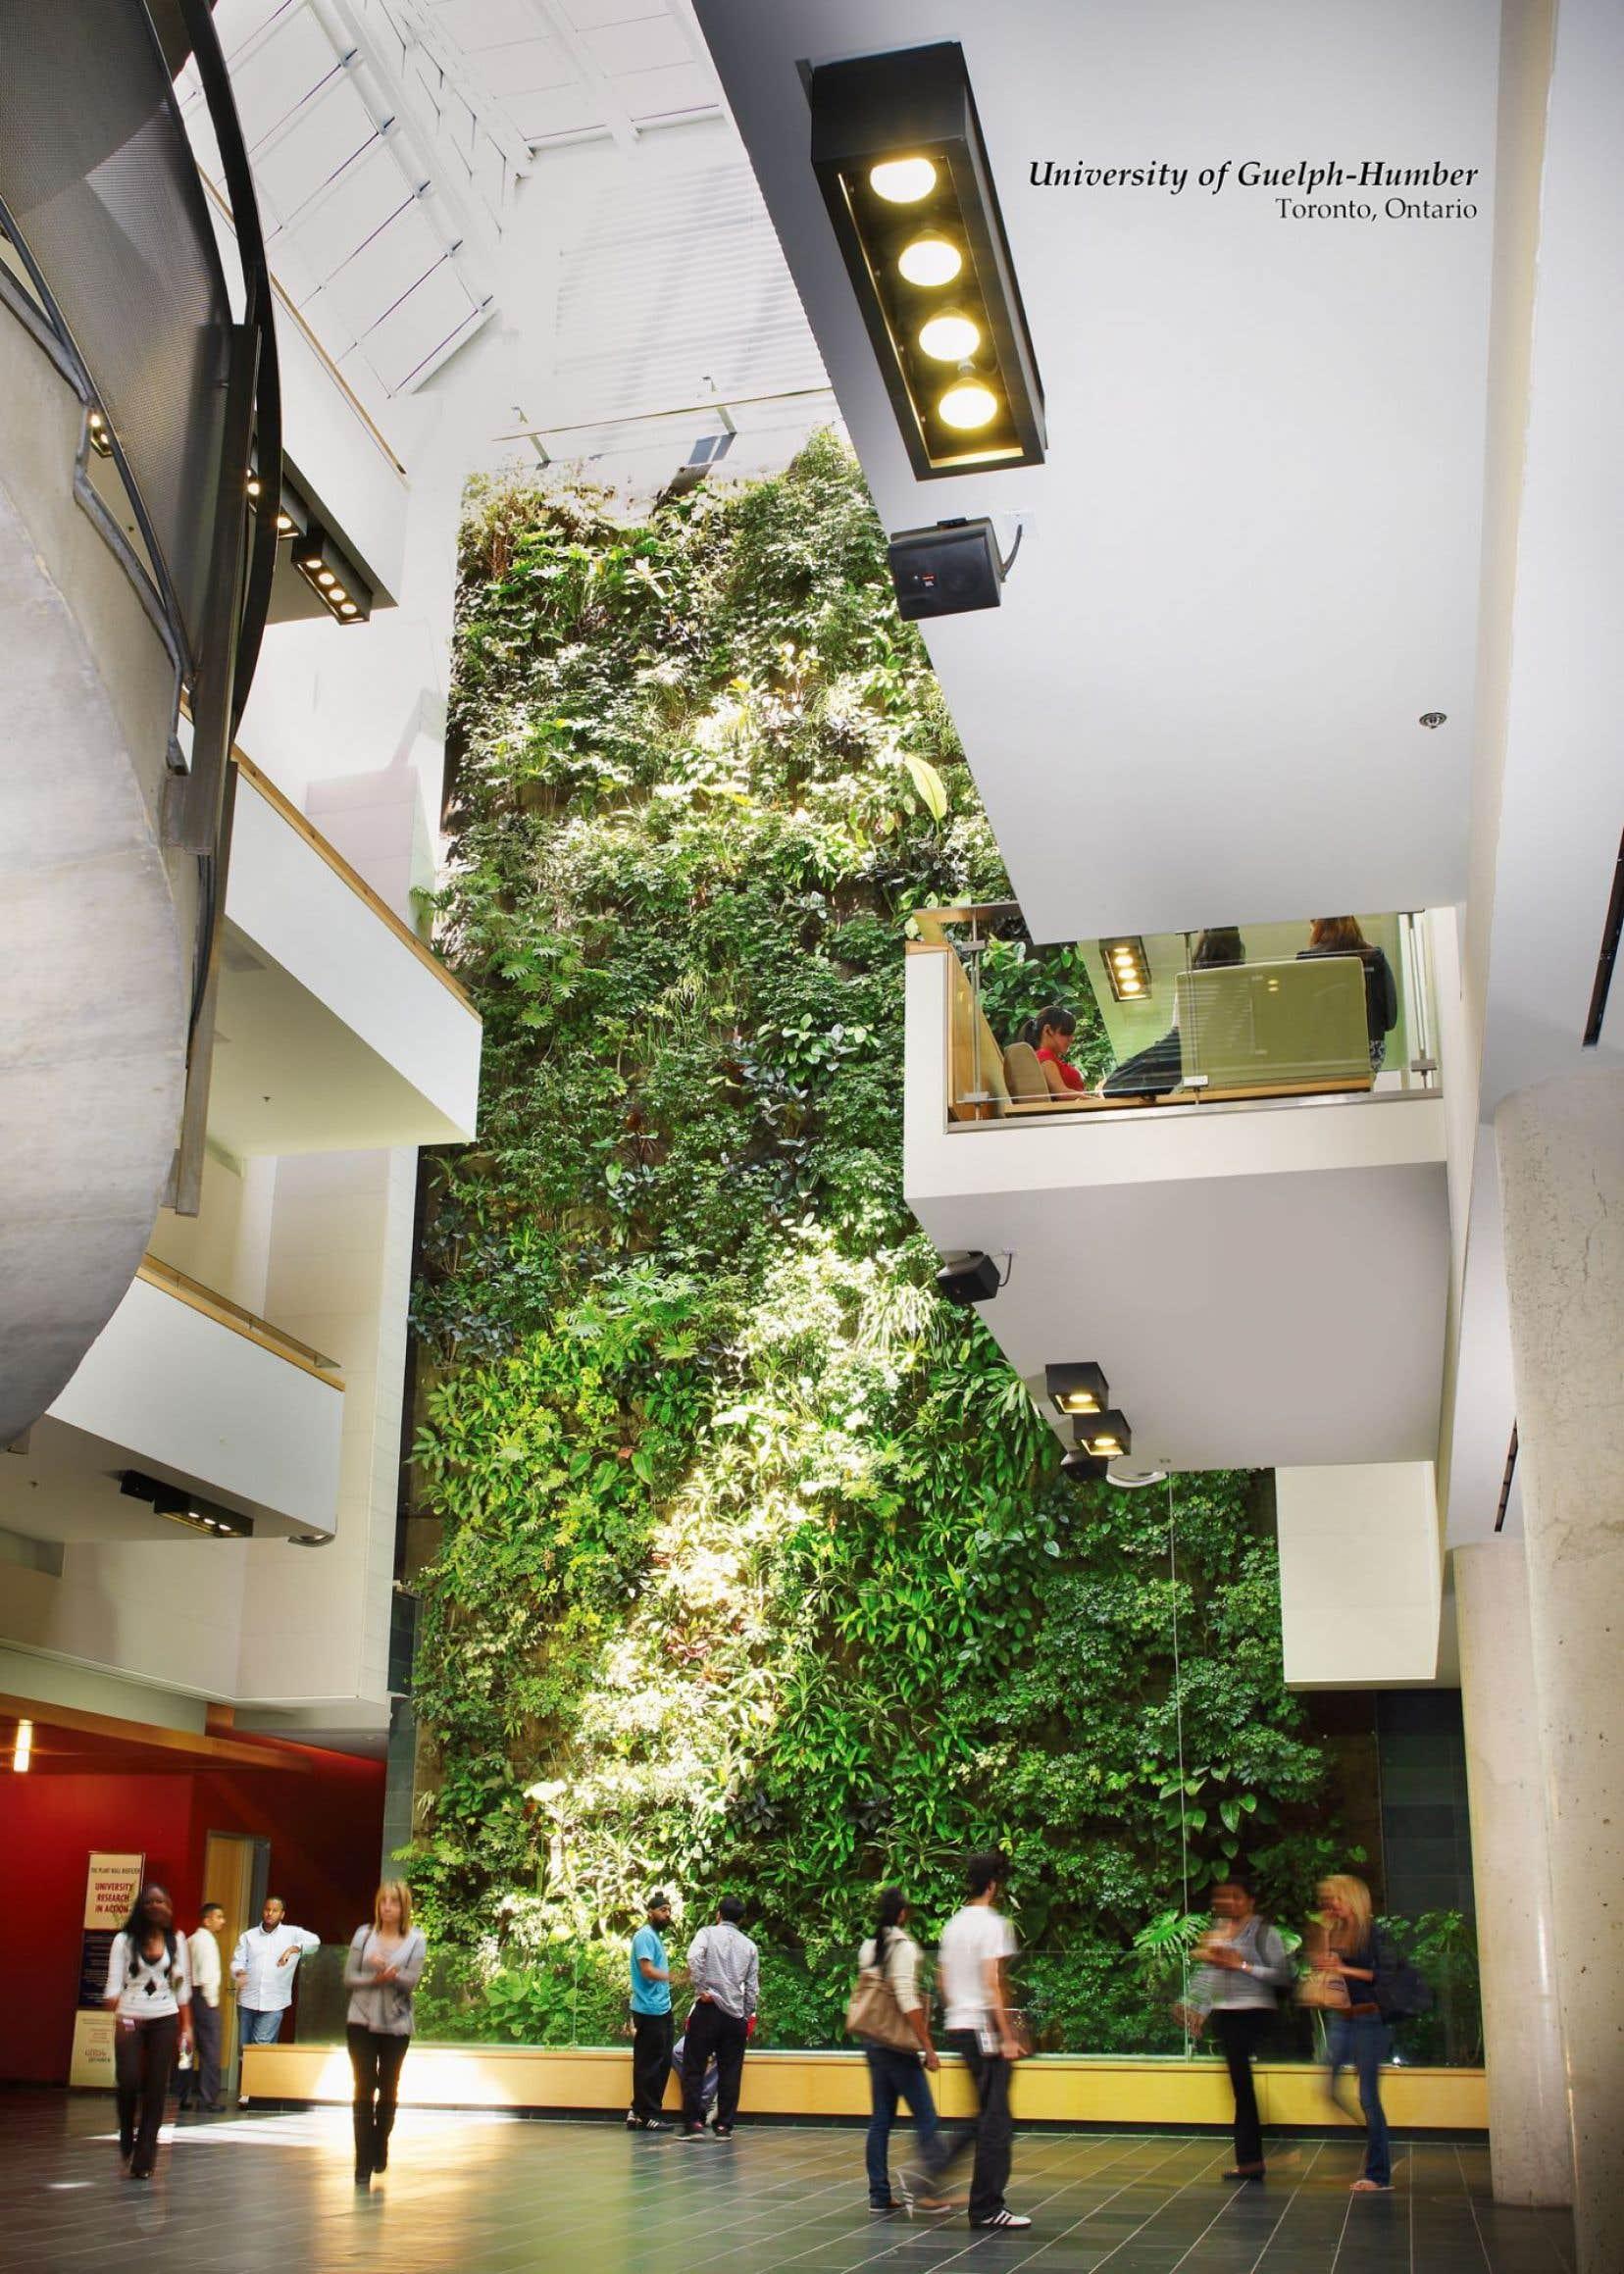 Le DrAllan Darlington a présenté les résultats obtenus avec un biofiltre botanique, qui est, en fait, un mur végétalisé intégré à un système d'aération de bâtiment. Selon les résultats, ce système peut éliminer jusqu'à 47% des polluants.